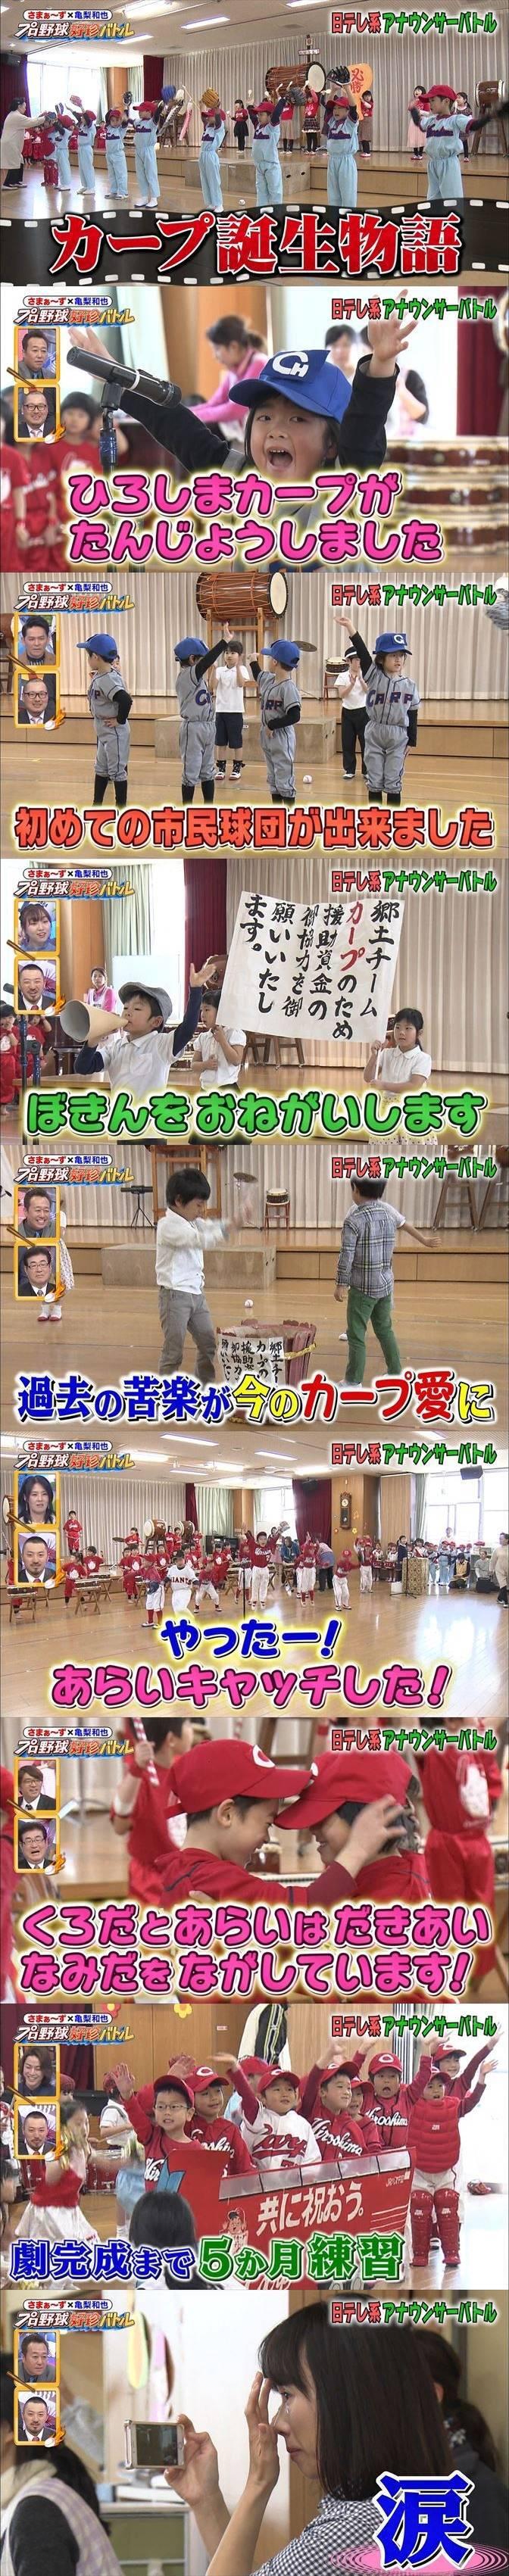 広島 カープ 幼稚園 授業 洗脳 思想教育に関連した画像-02